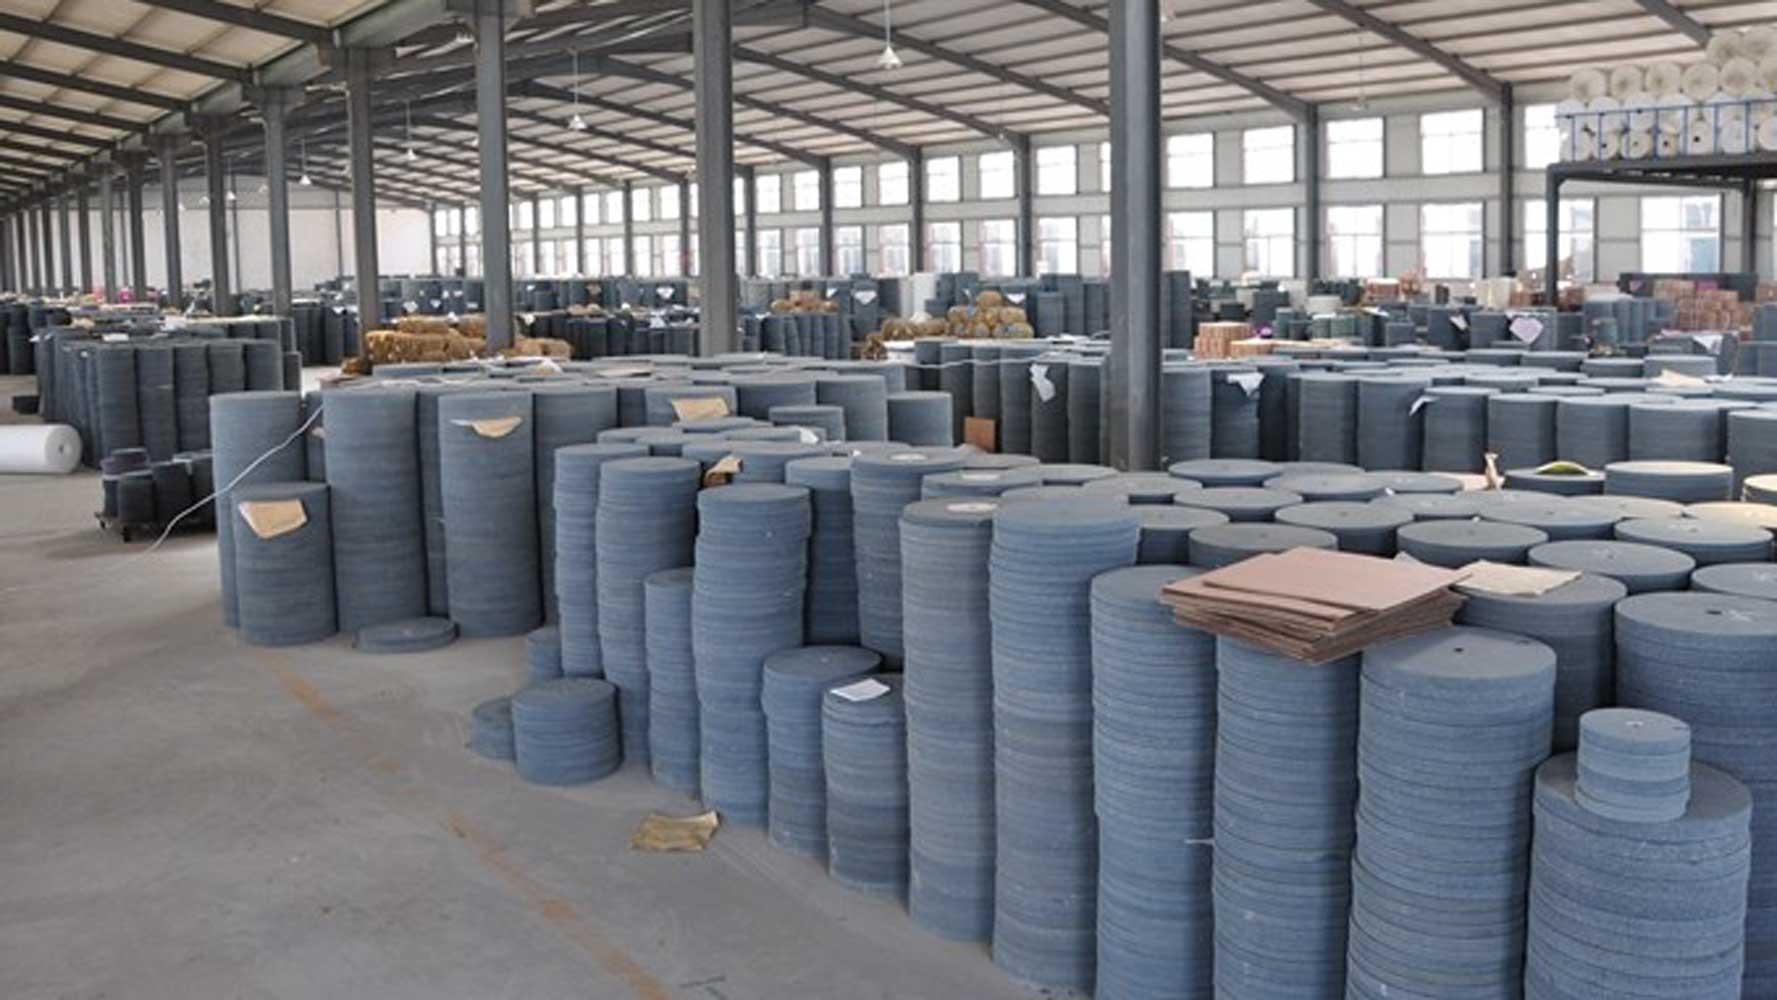 storage-of-grinding-wheel-(2)